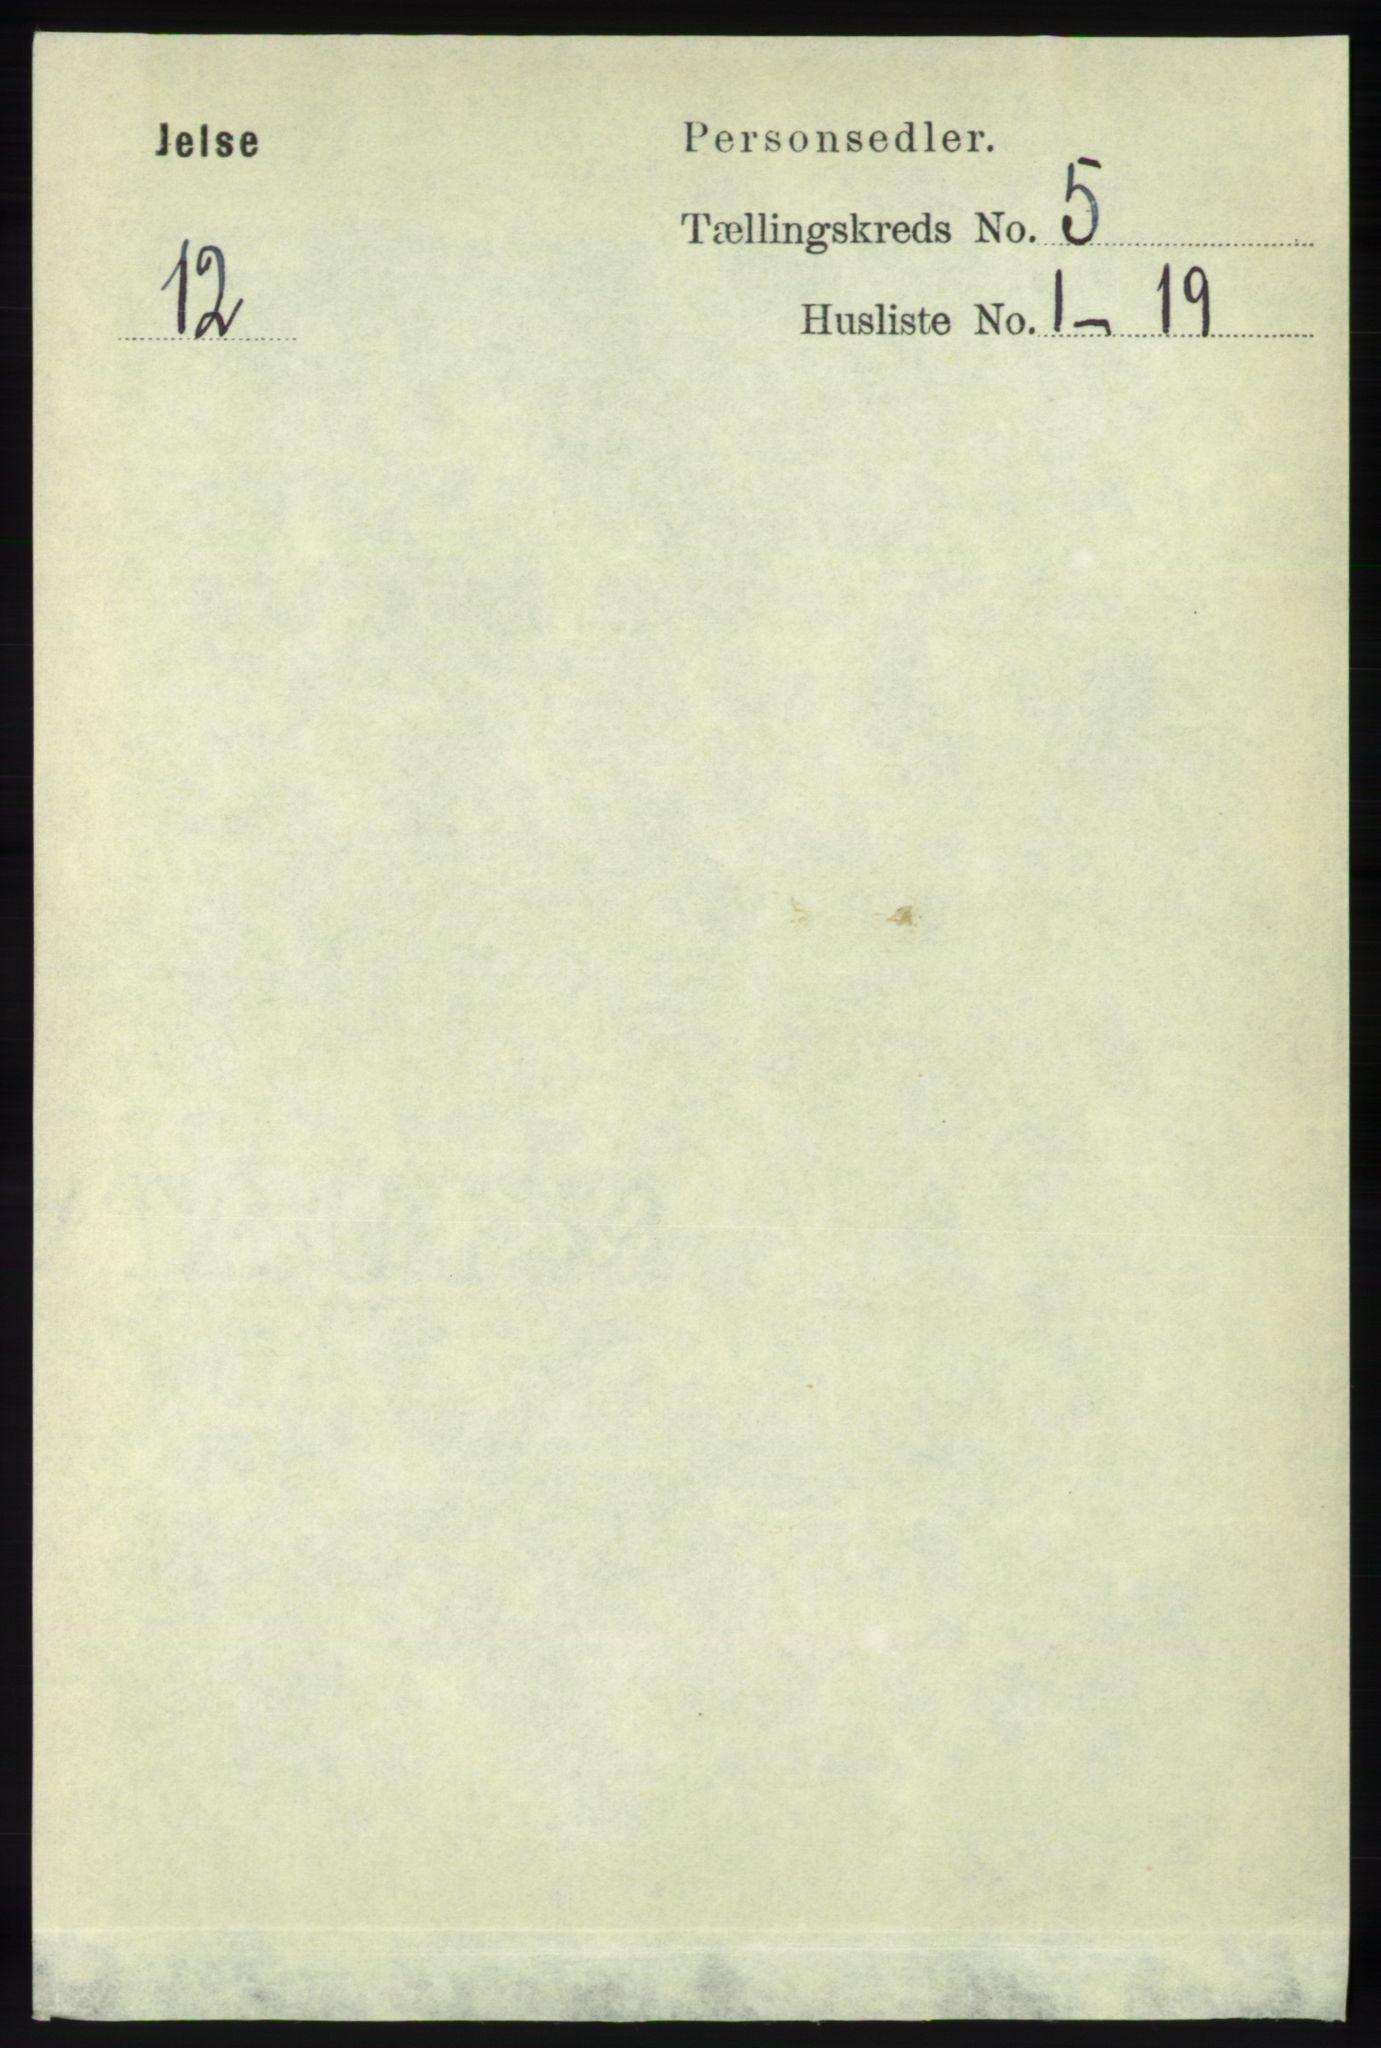 RA, Folketelling 1891 for 1138 Jelsa herred, 1891, s. 1062